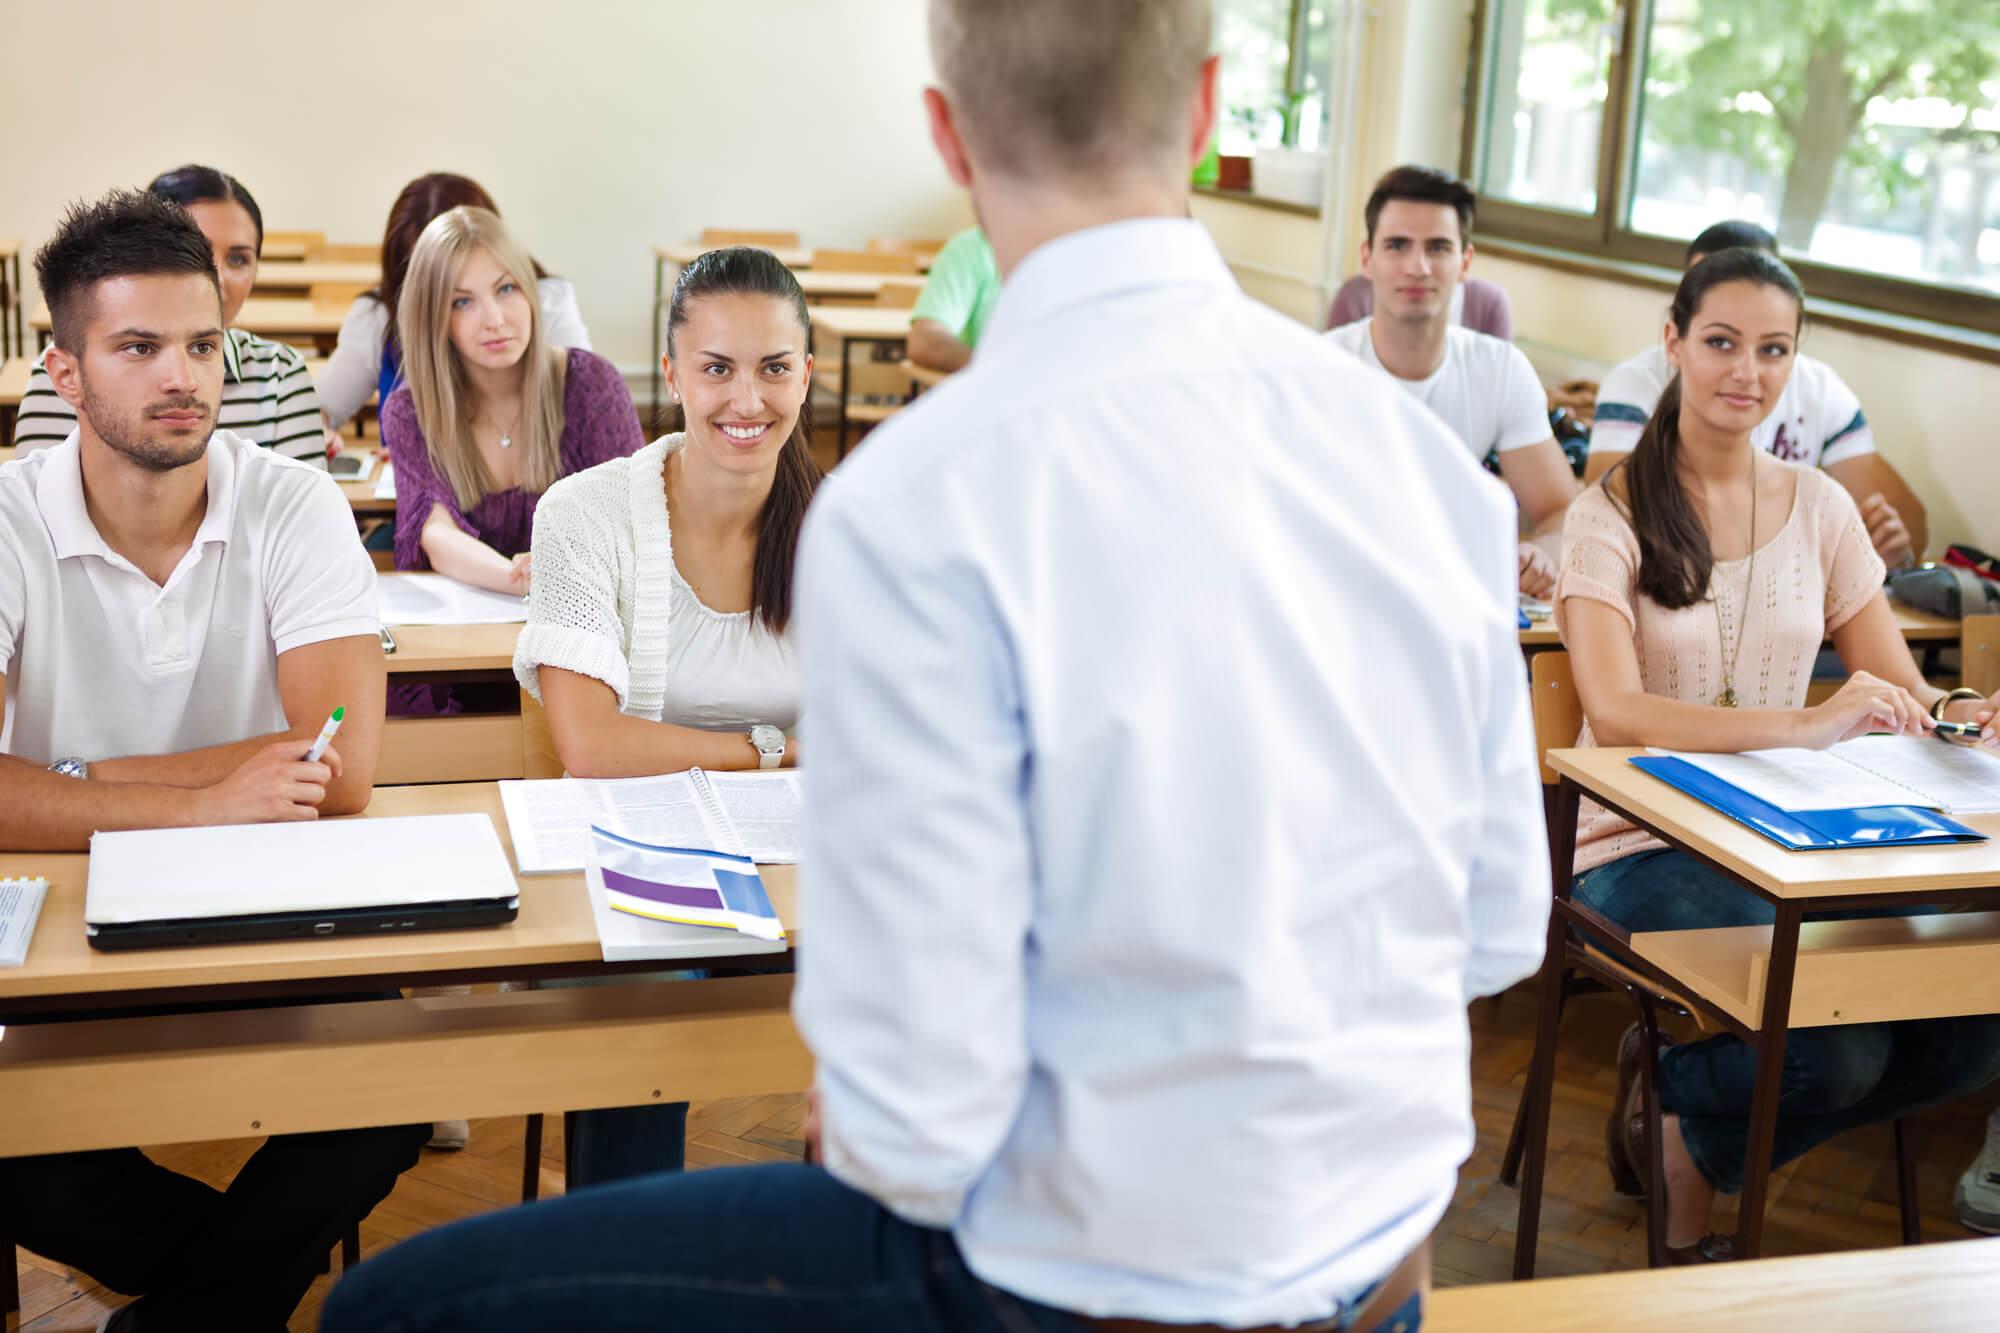 73959-professor-conheca-5-aplicativos-para-usar-em-sala-de-aula